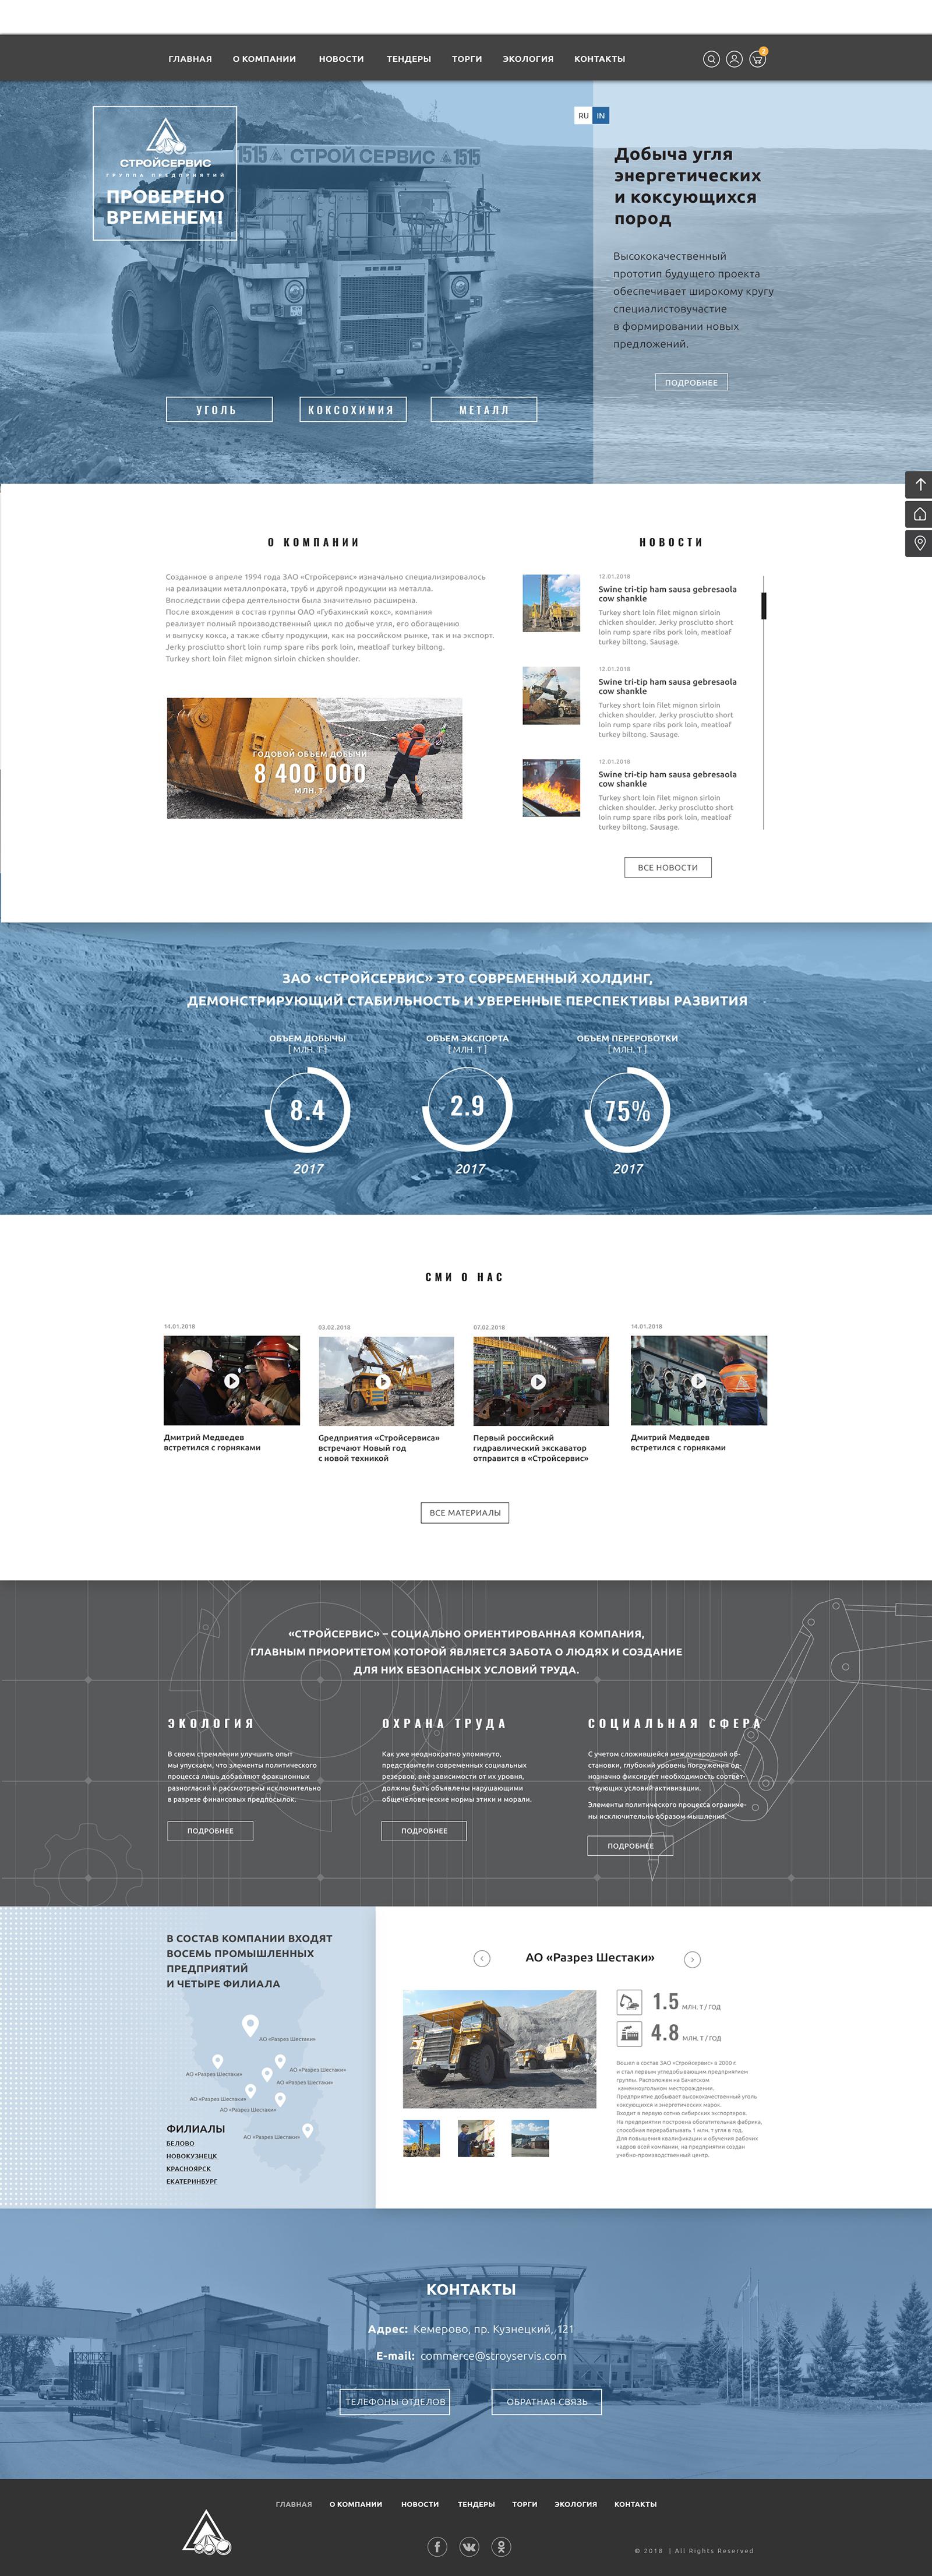 Разработка дизайна сайта угледобывающей компании фото f_1735a933d14c7d93.jpg